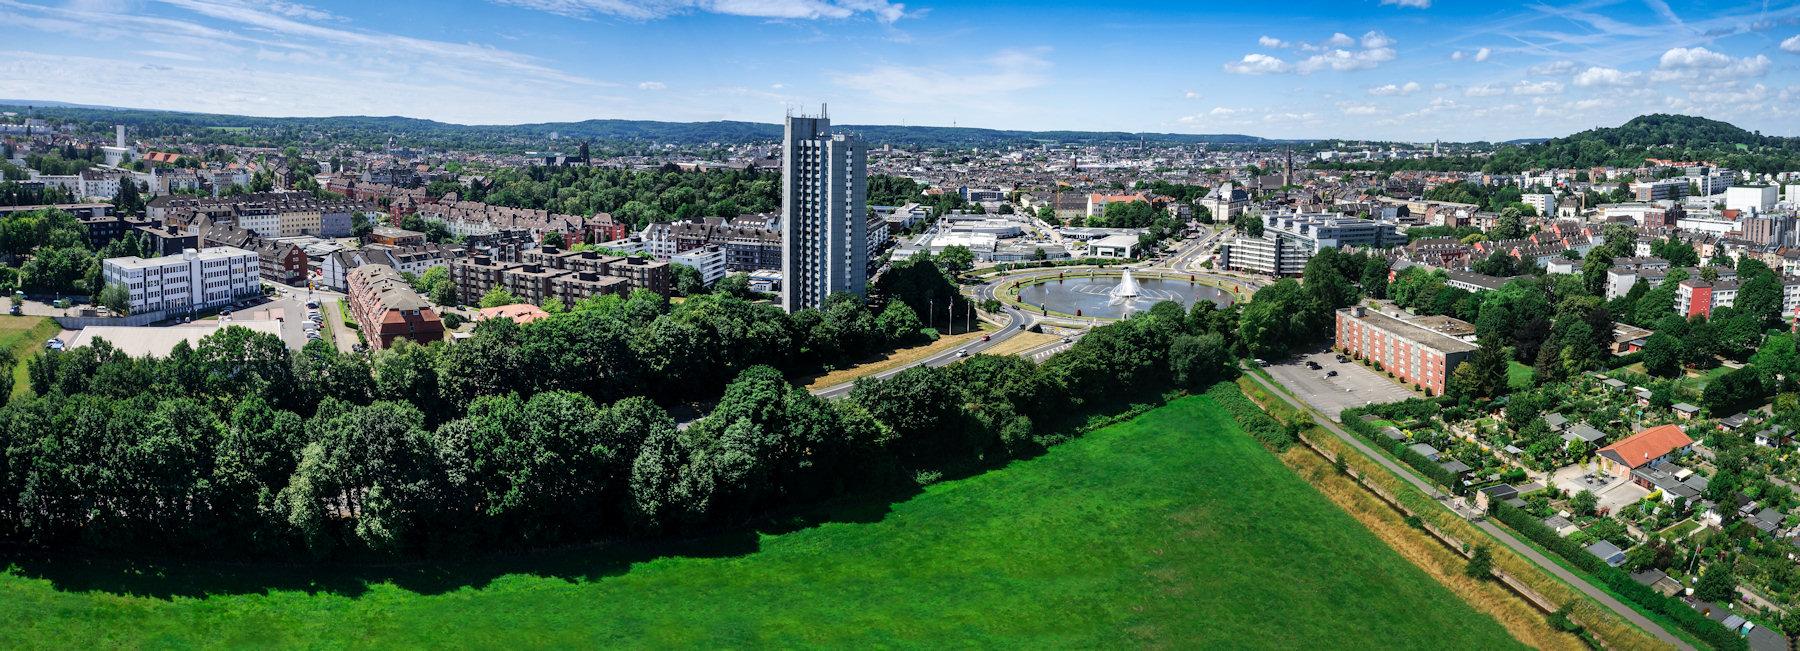 Luftbildaufnahme von Aachen, der Aachener Europaplatz aus 100m Flughöhe